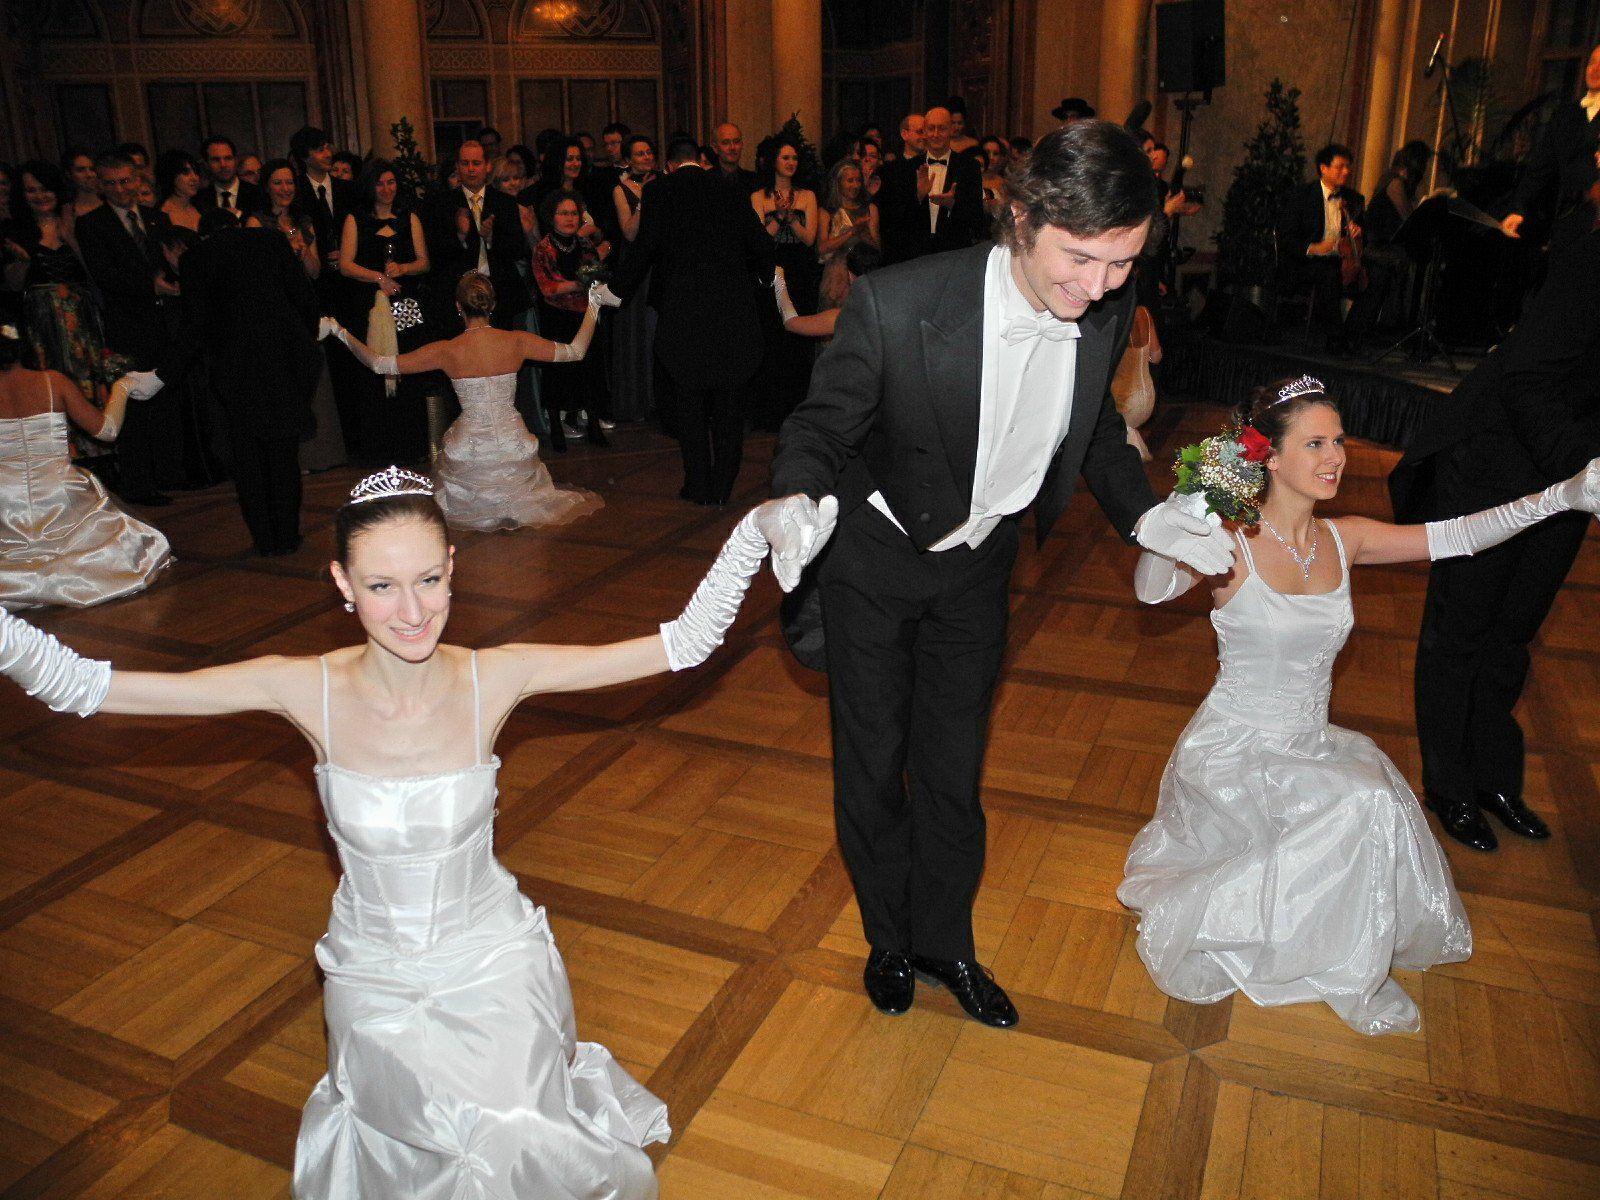 Debütanten der Tanzschule Elmayer eröffneten den Ball der Vorarlberger in Wien mit einer Polonaise